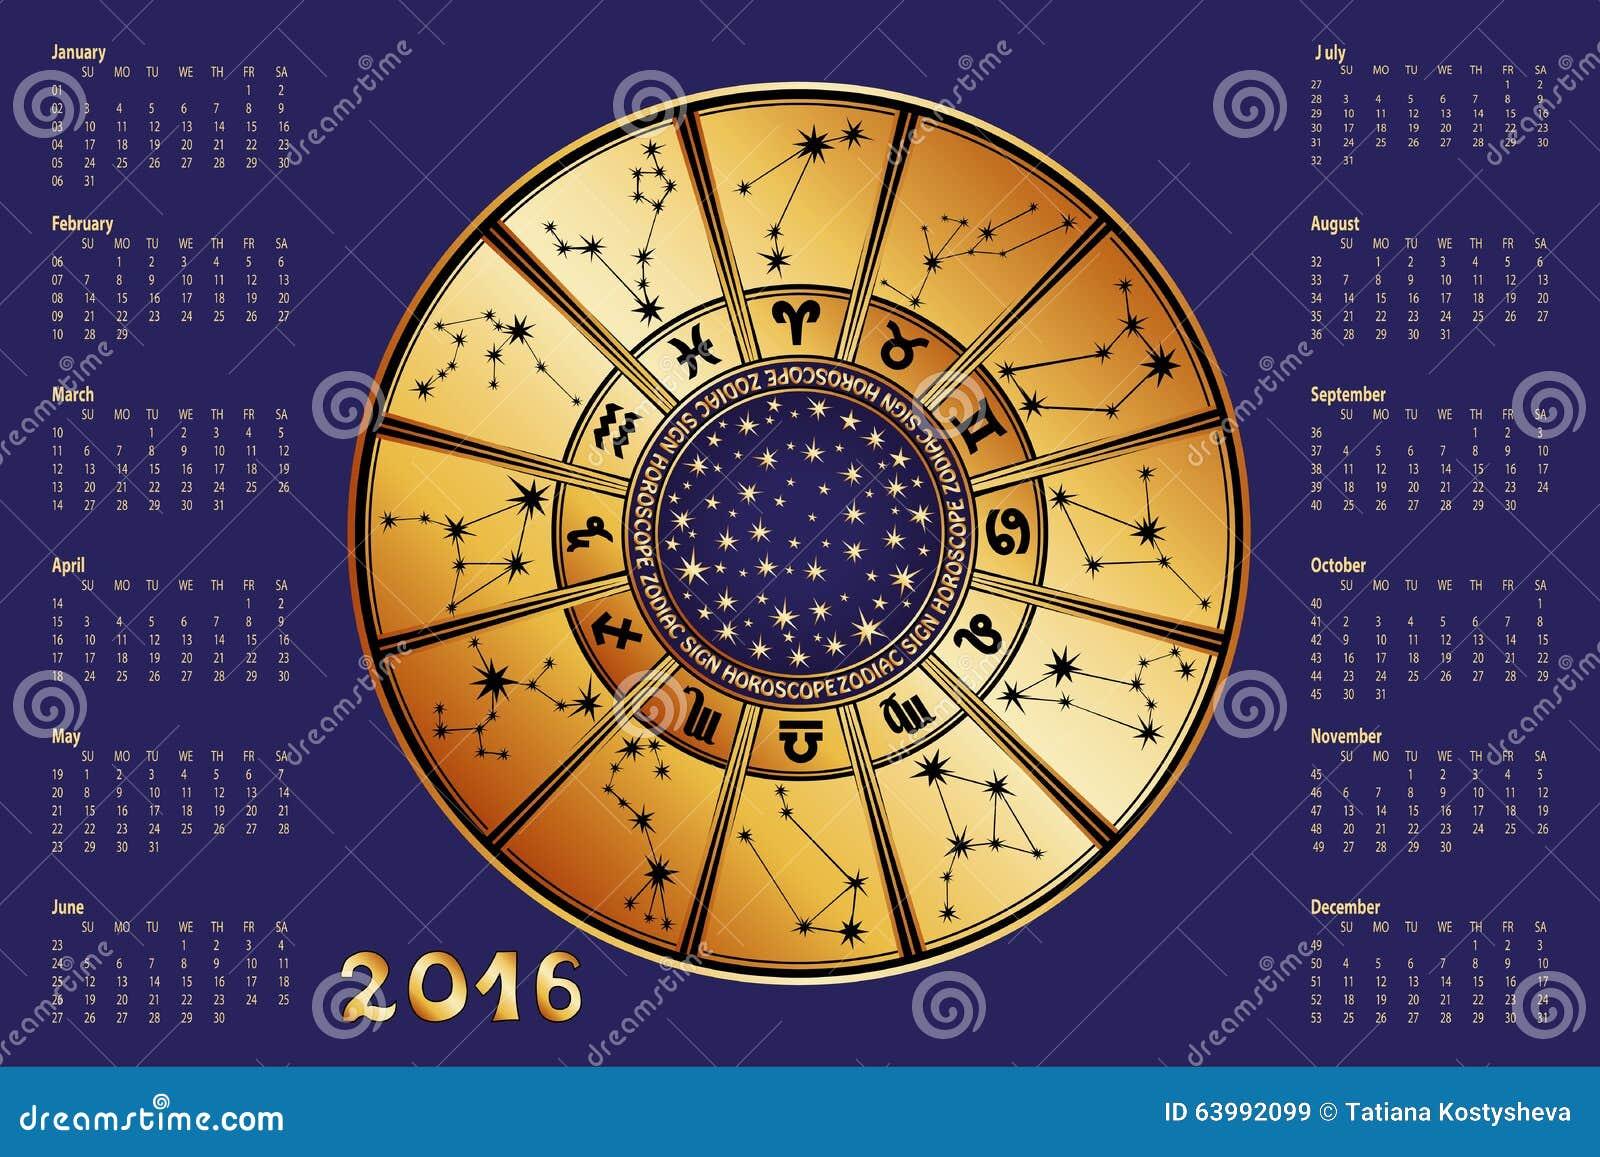 Тибетский гороскоп на 2018 год по дате рождения